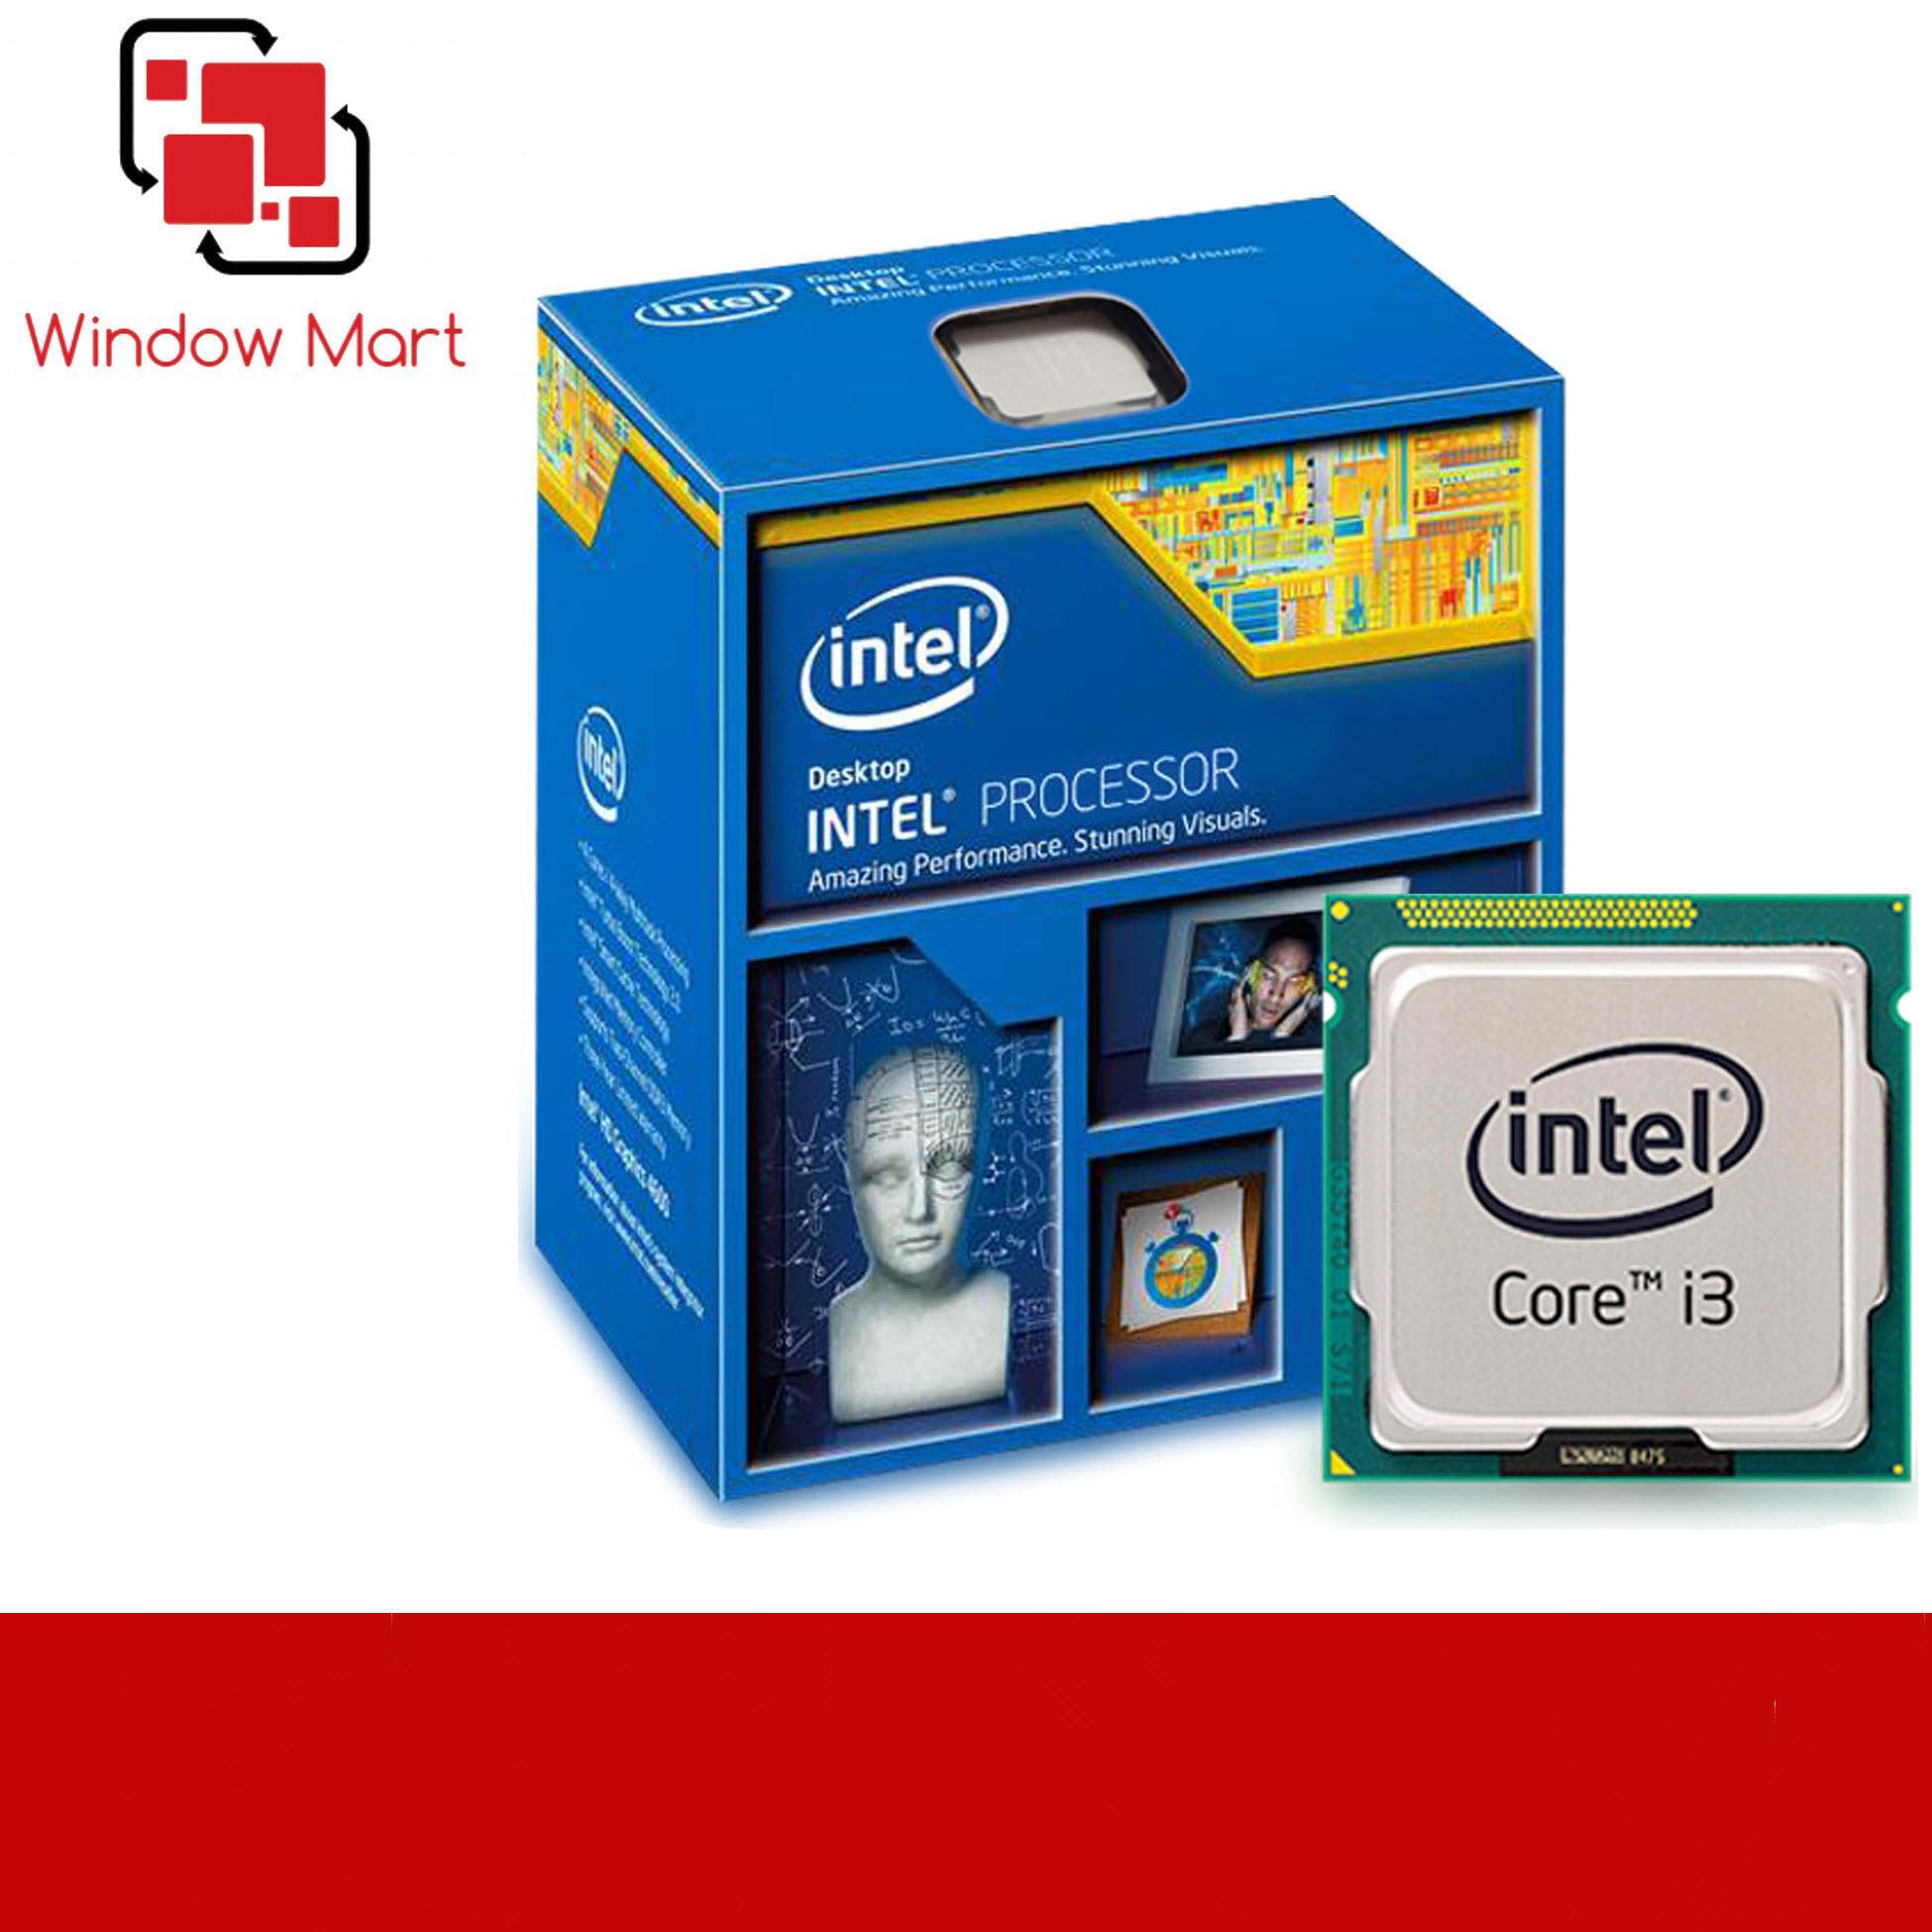 Bộ Vi xử lý Intel Core I3 540 3.1GHz (2 lõi- 4 luồng) Chất Lượng Tốt